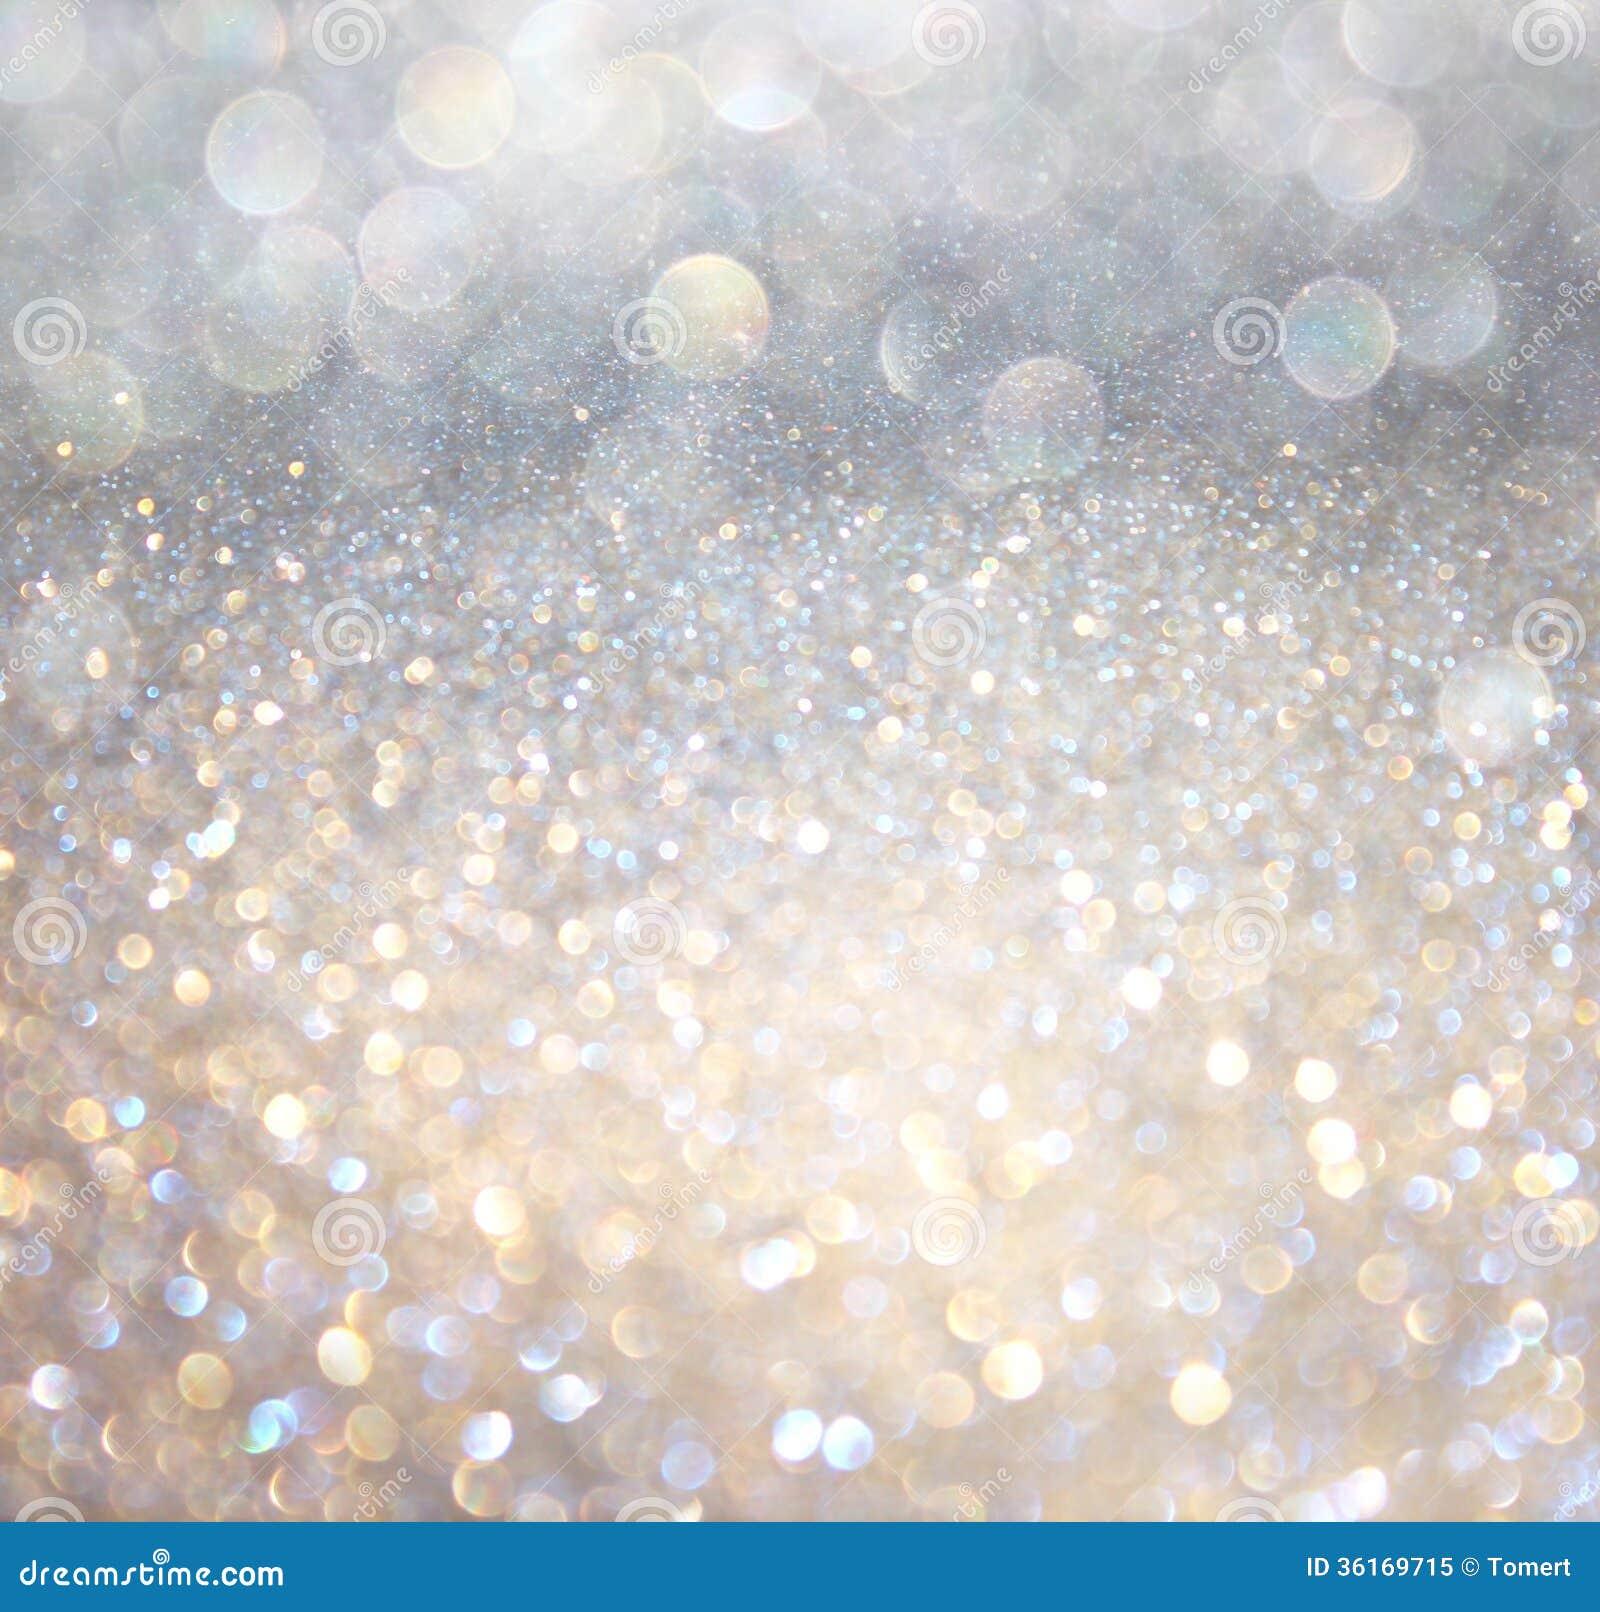 Luces abstractas blancas del bokeh de la plata y del oro. fondo defocused